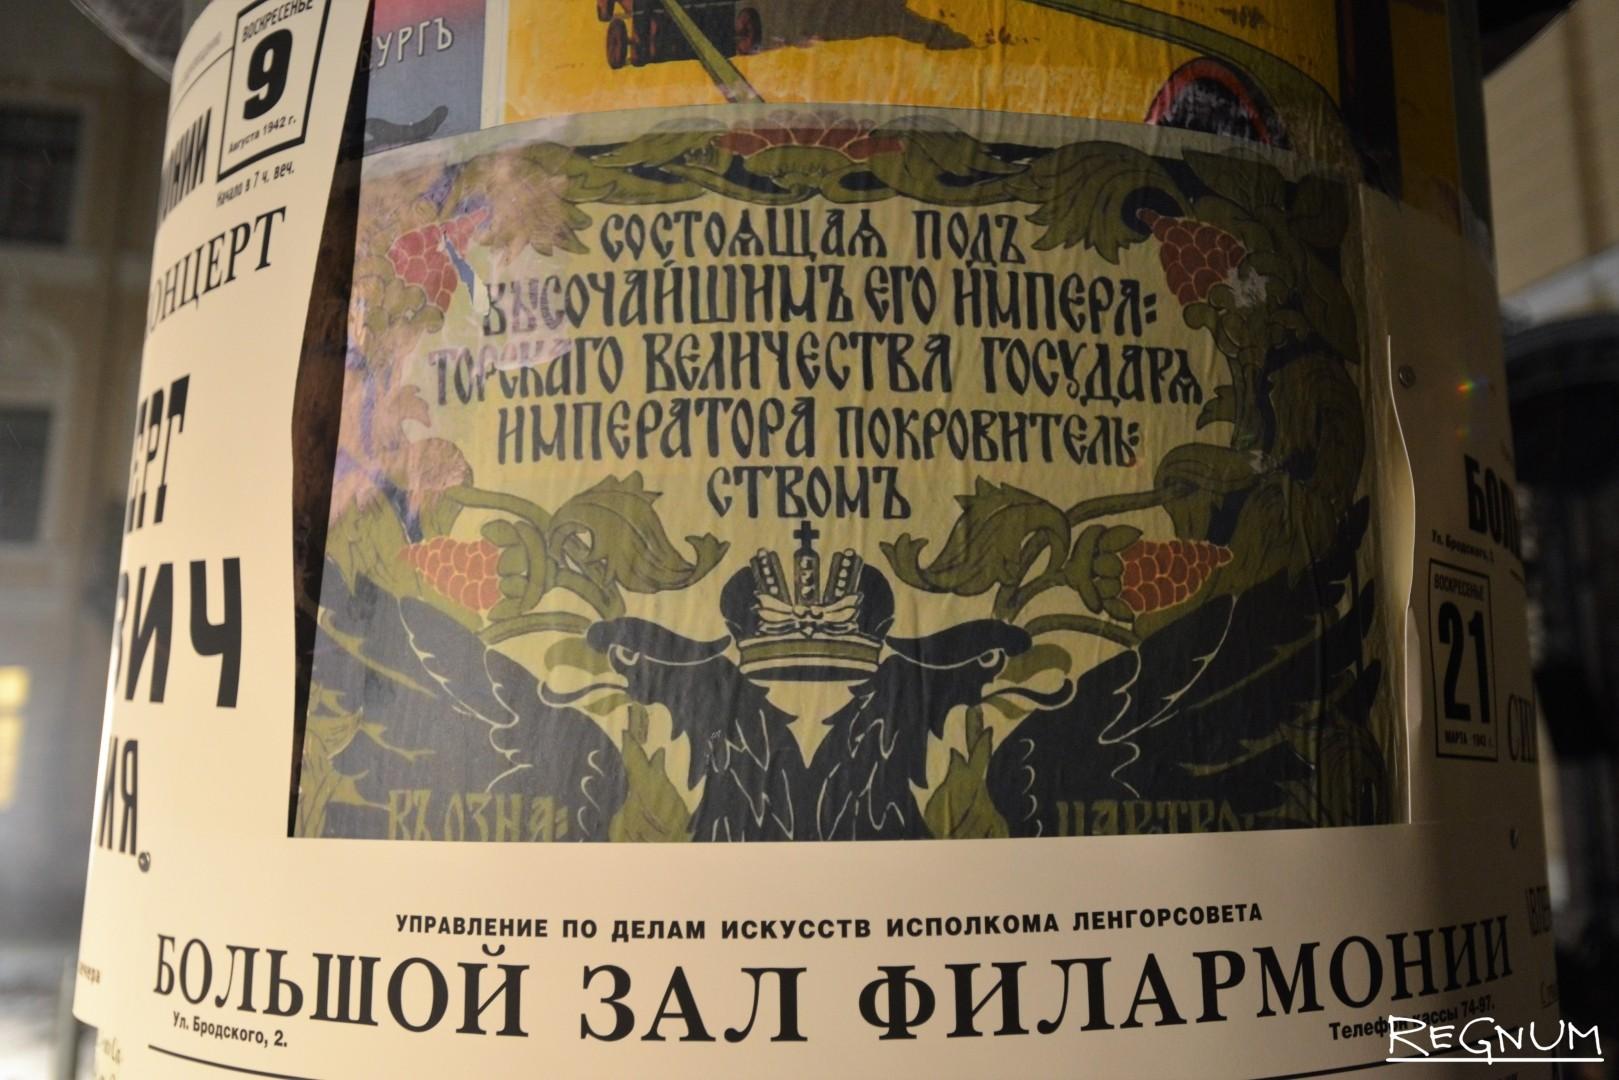 Во времена блокады музыка в Ленинграде продолжала звучать